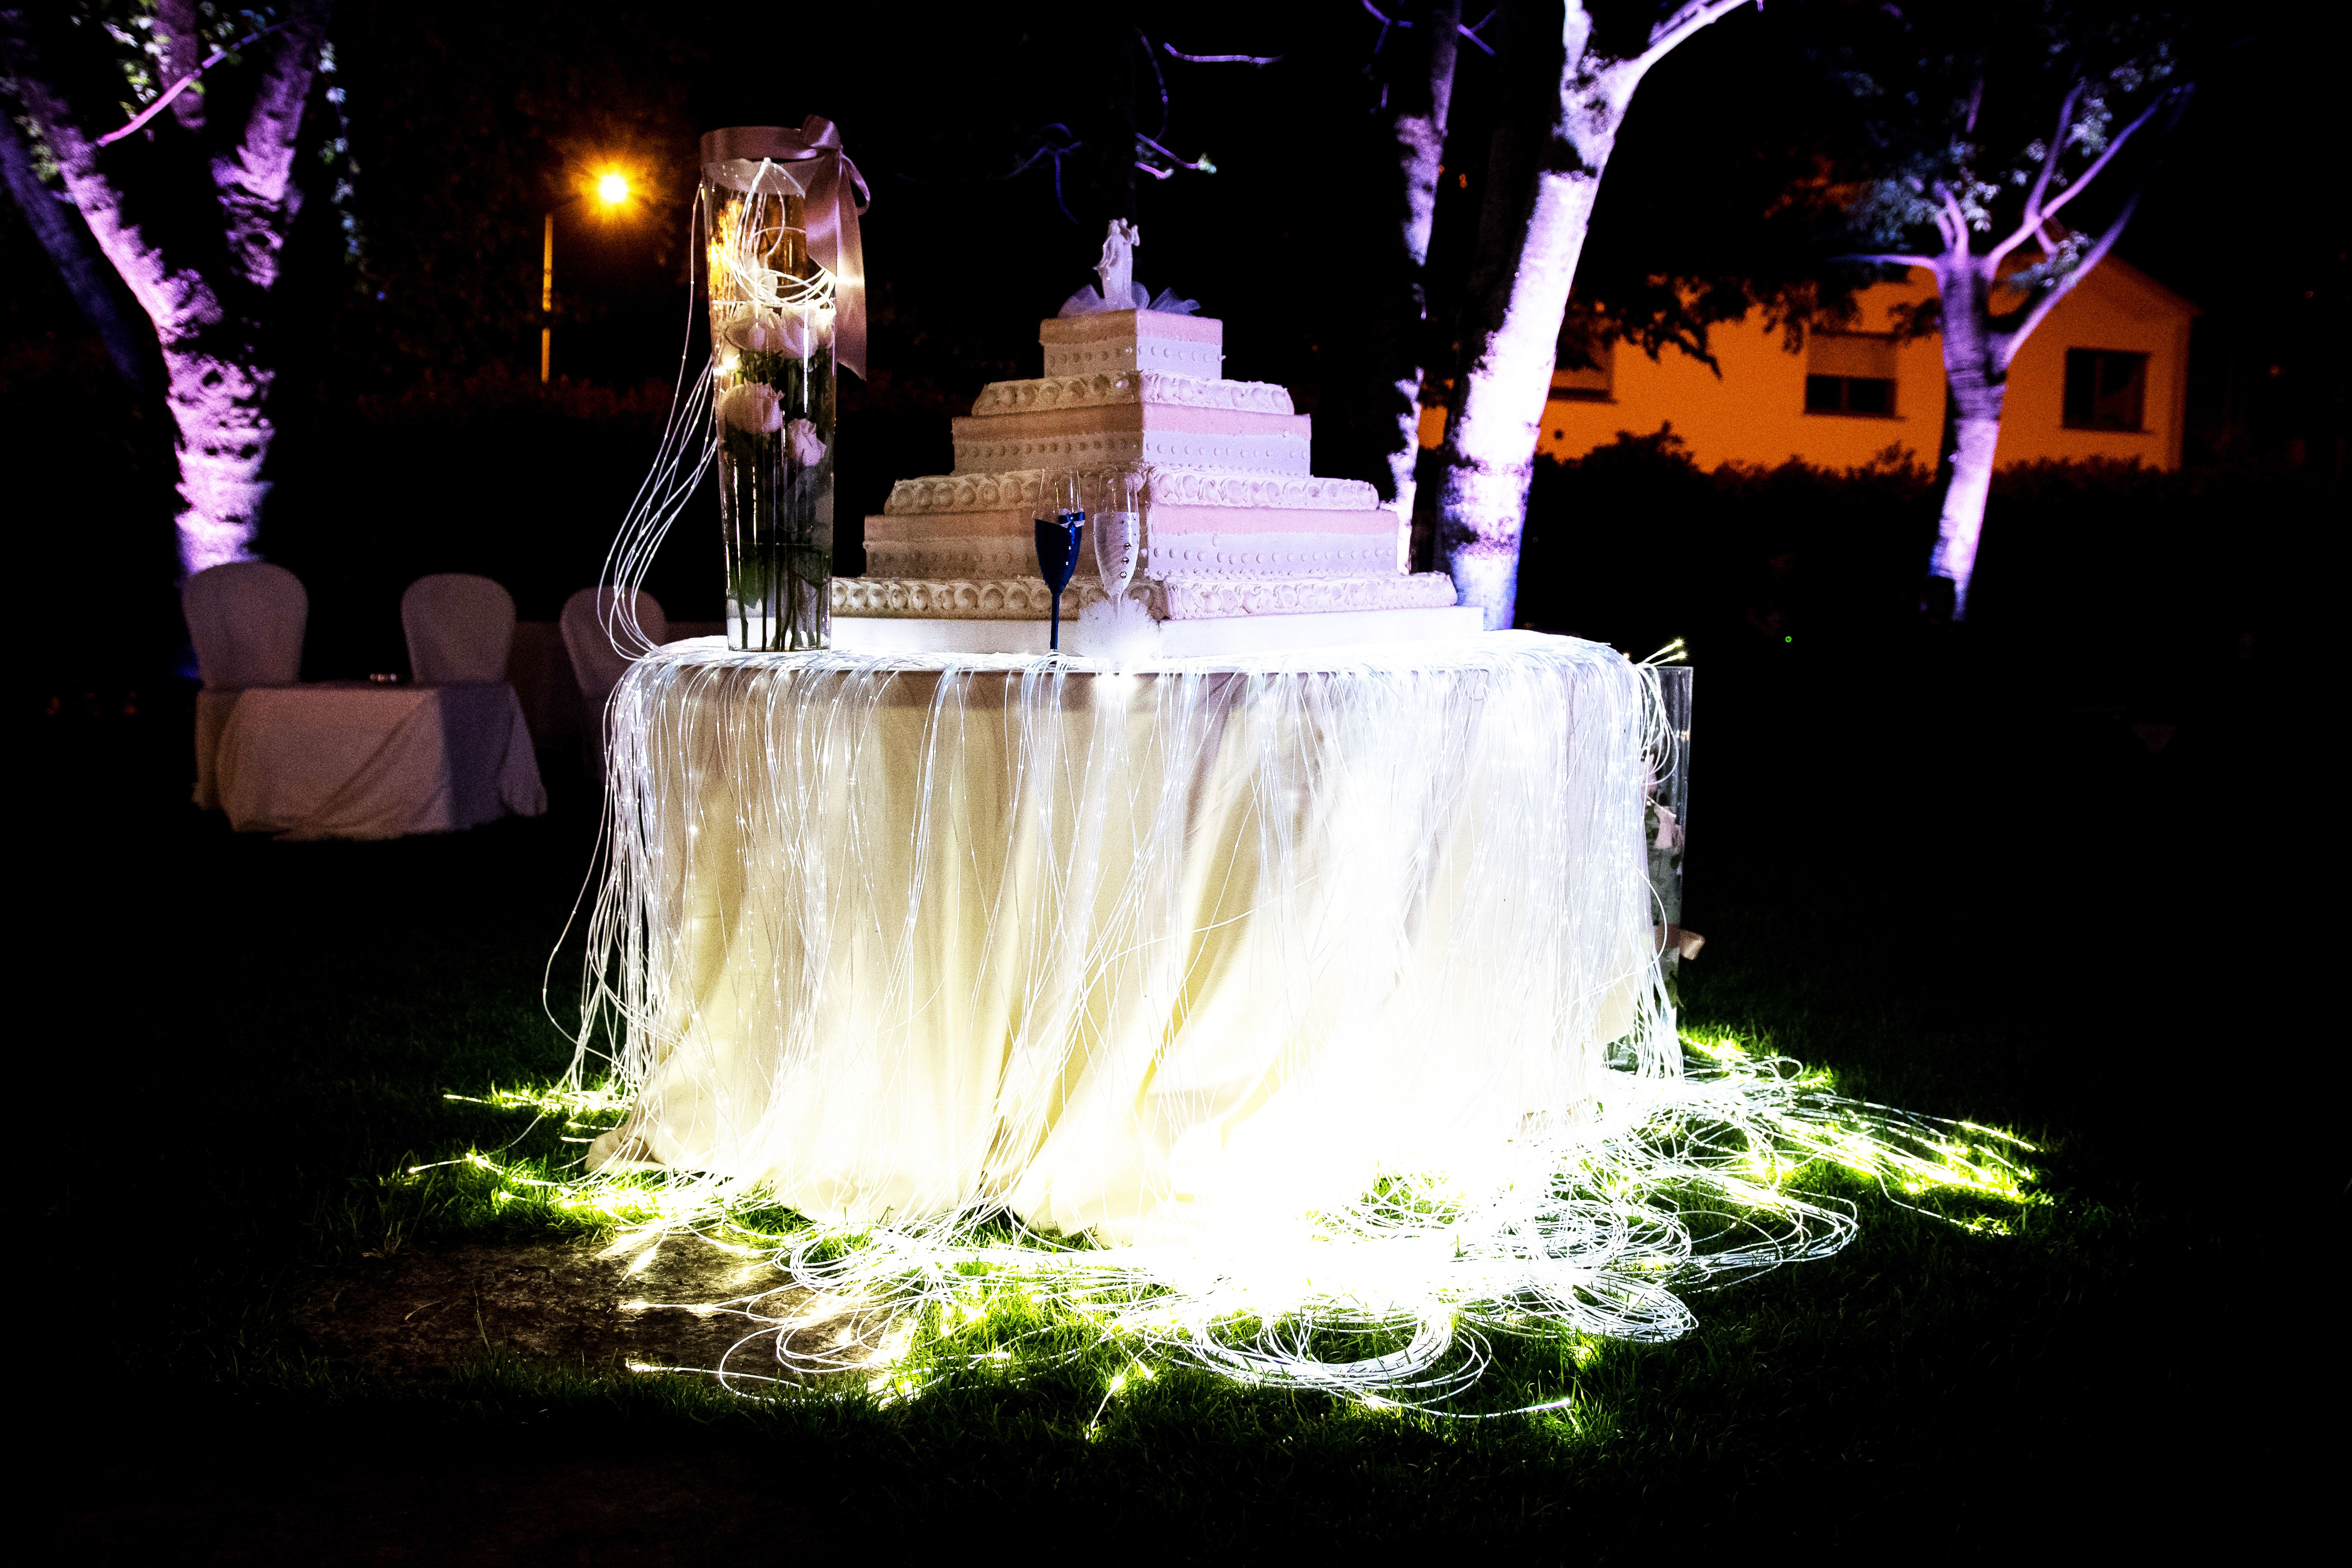 Tavolo con torta nuziale e fibre ottiche attorno illuminazione